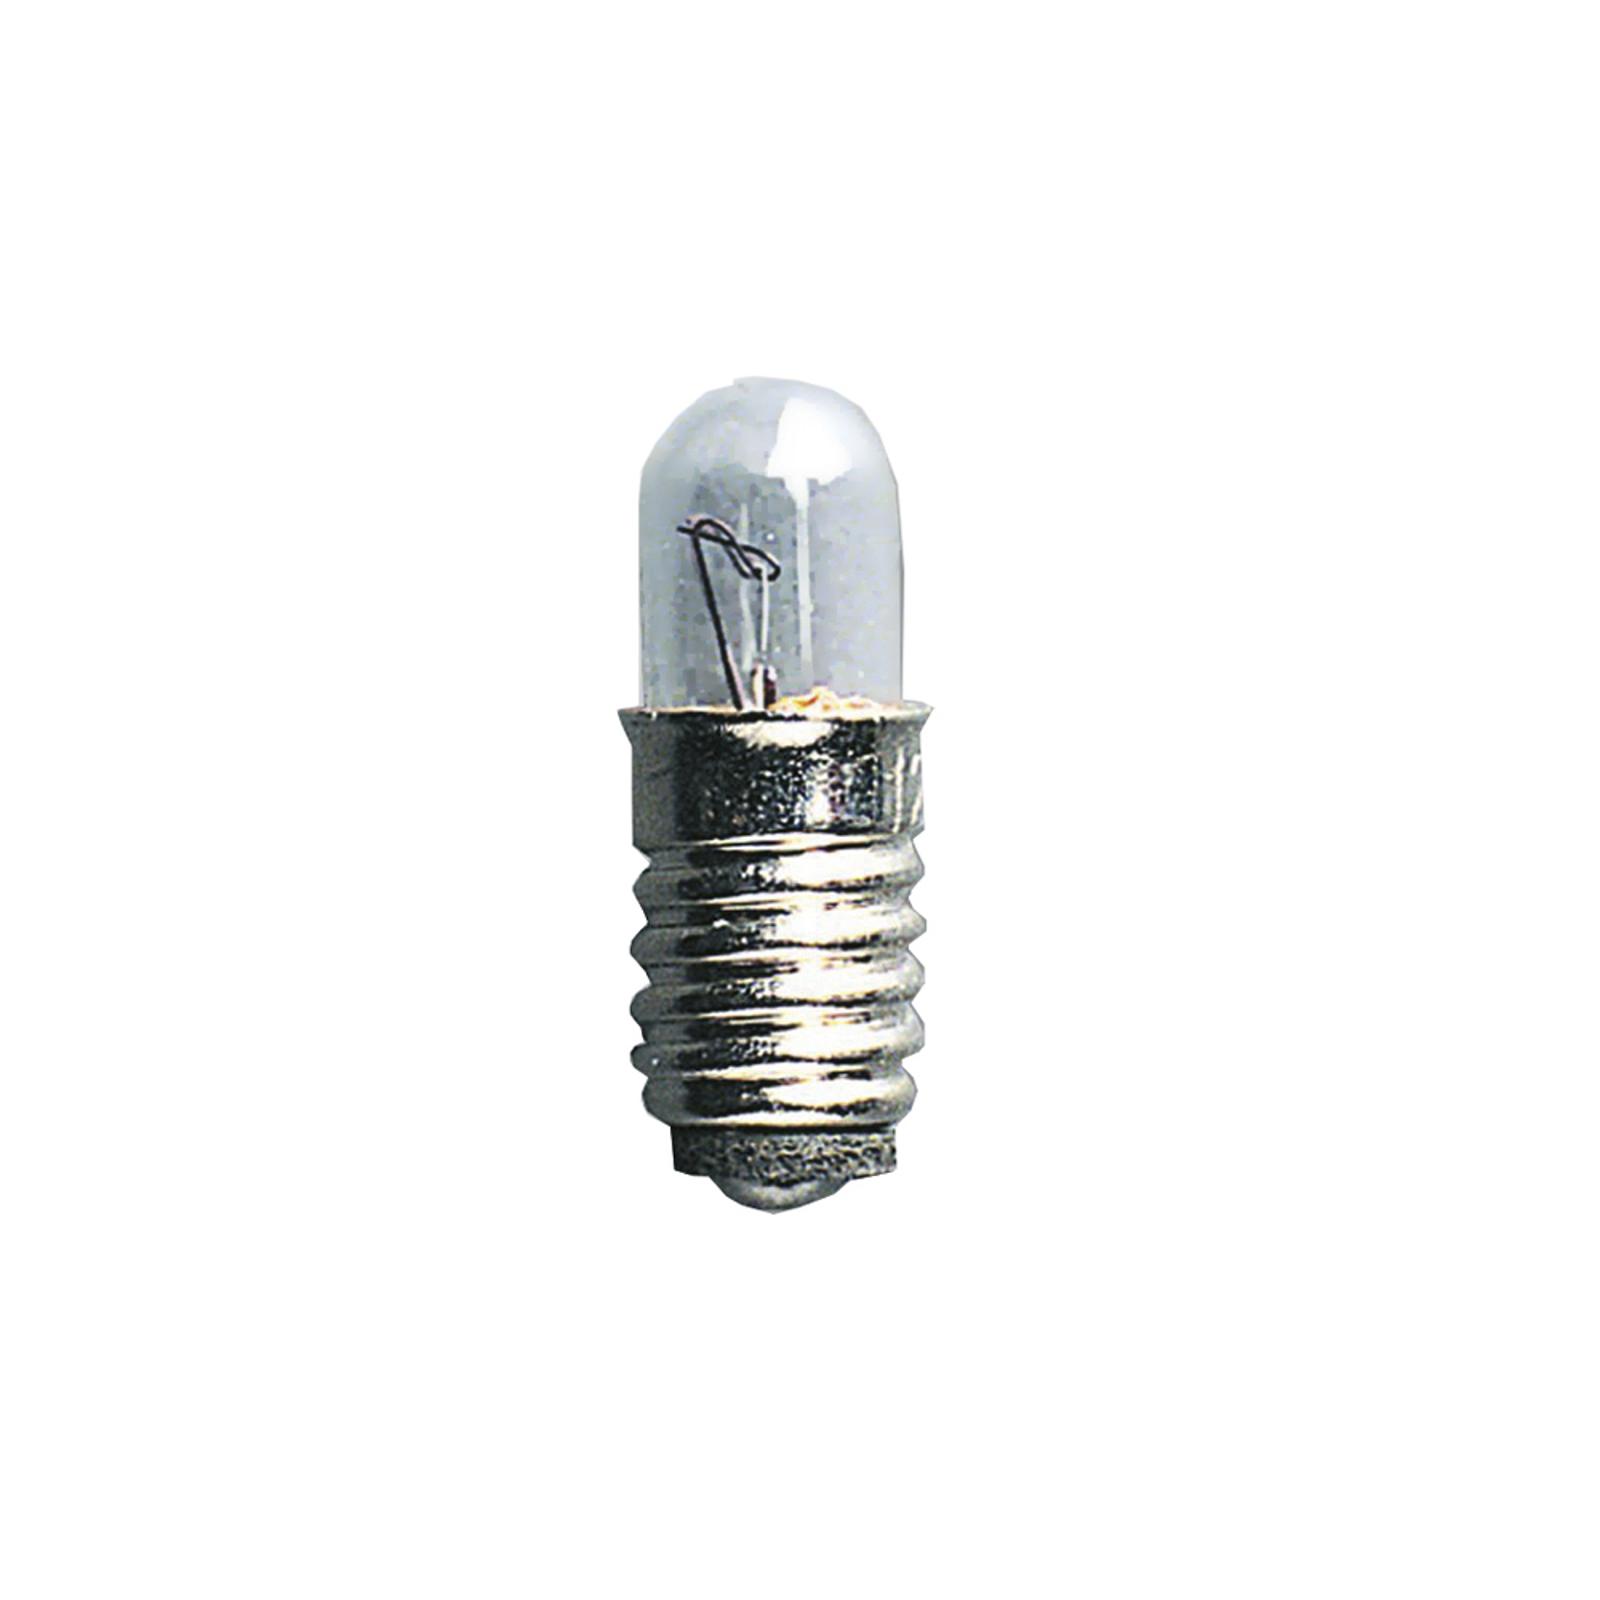 E5-12V-reservelampen 1,2W voor vensterlicht, 5 st